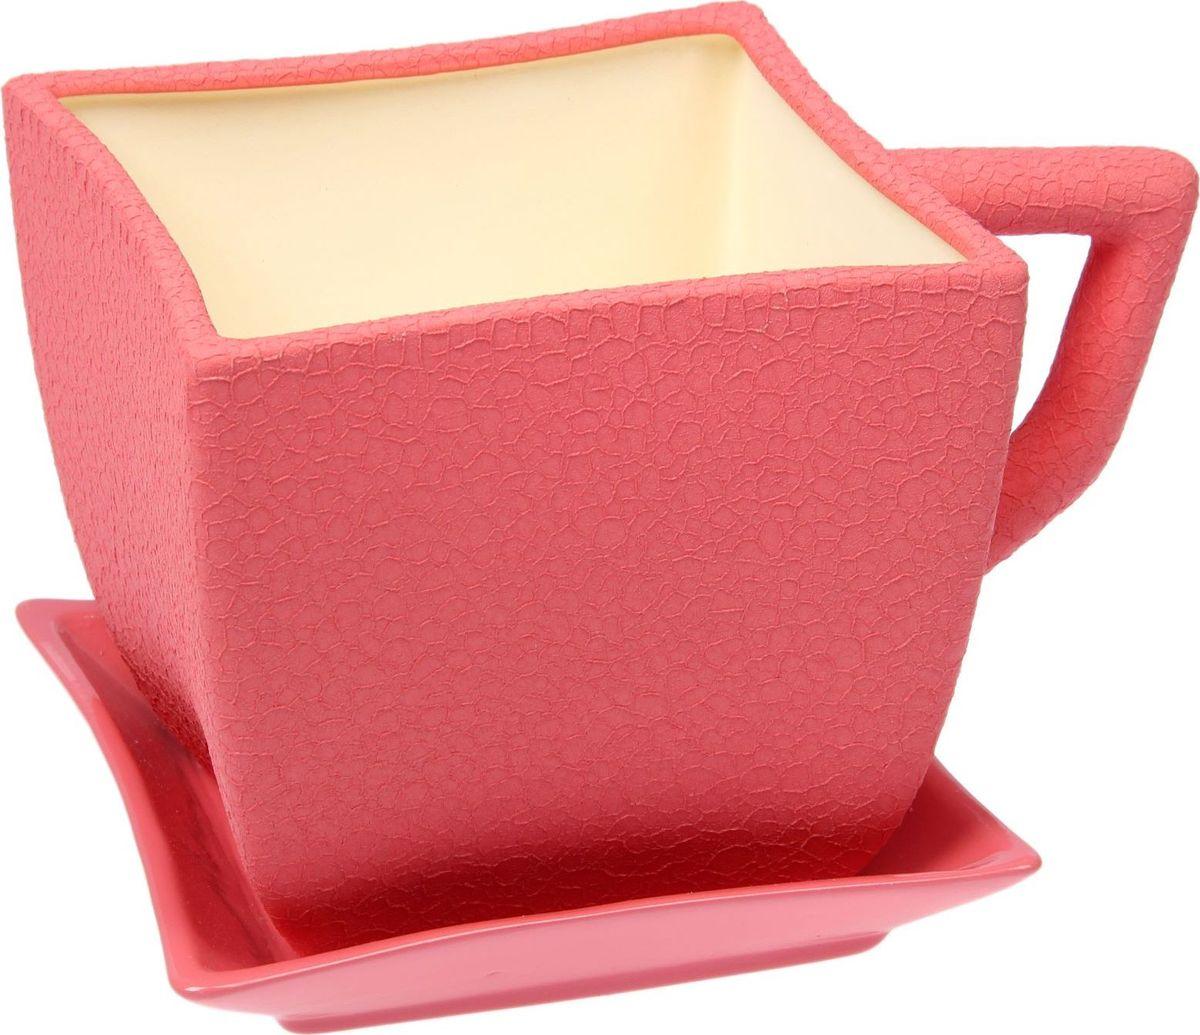 Кашпо Керамика ручной работы Чашка. Квадрат, цвет: розовый, 2,5 л1489646Комнатные растения — всеобщие любимцы. Они радуют глаз, насыщают помещение кислородом и украшают пространство. Каждому из них необходим свой удобный и красивый дом. Кашпо из керамики прекрасно подходят для высадки растений: за счёт пластичности глины и разных способов обработки существует великое множество форм и дизайновпористый материал позволяет испаряться лишней влагевоздух, необходимый для дыхания корней, проникает сквозь керамические стенки! #name# позаботится о зелёном питомце, освежит интерьер и подчеркнёт его стиль.